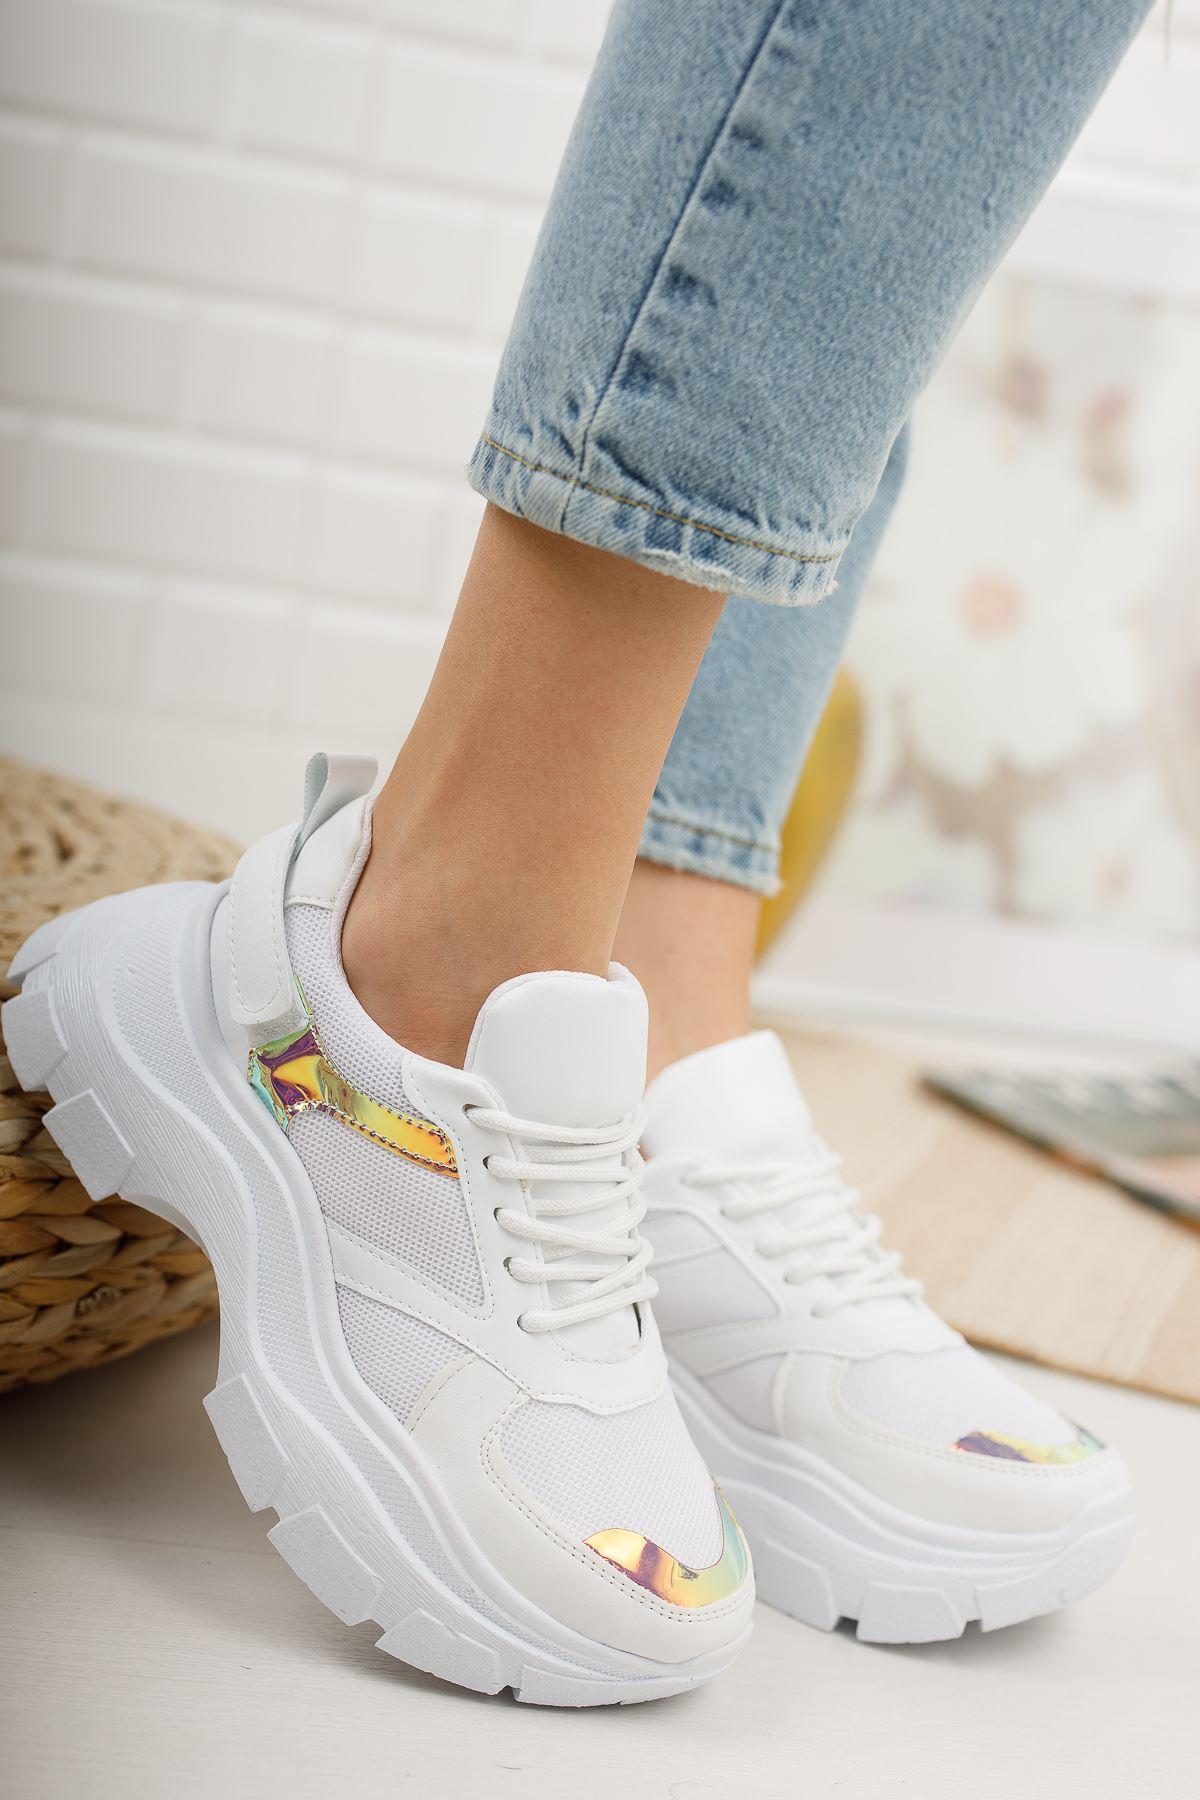 Aria Beyaz Hologram Kadın Spor Ayakkabı